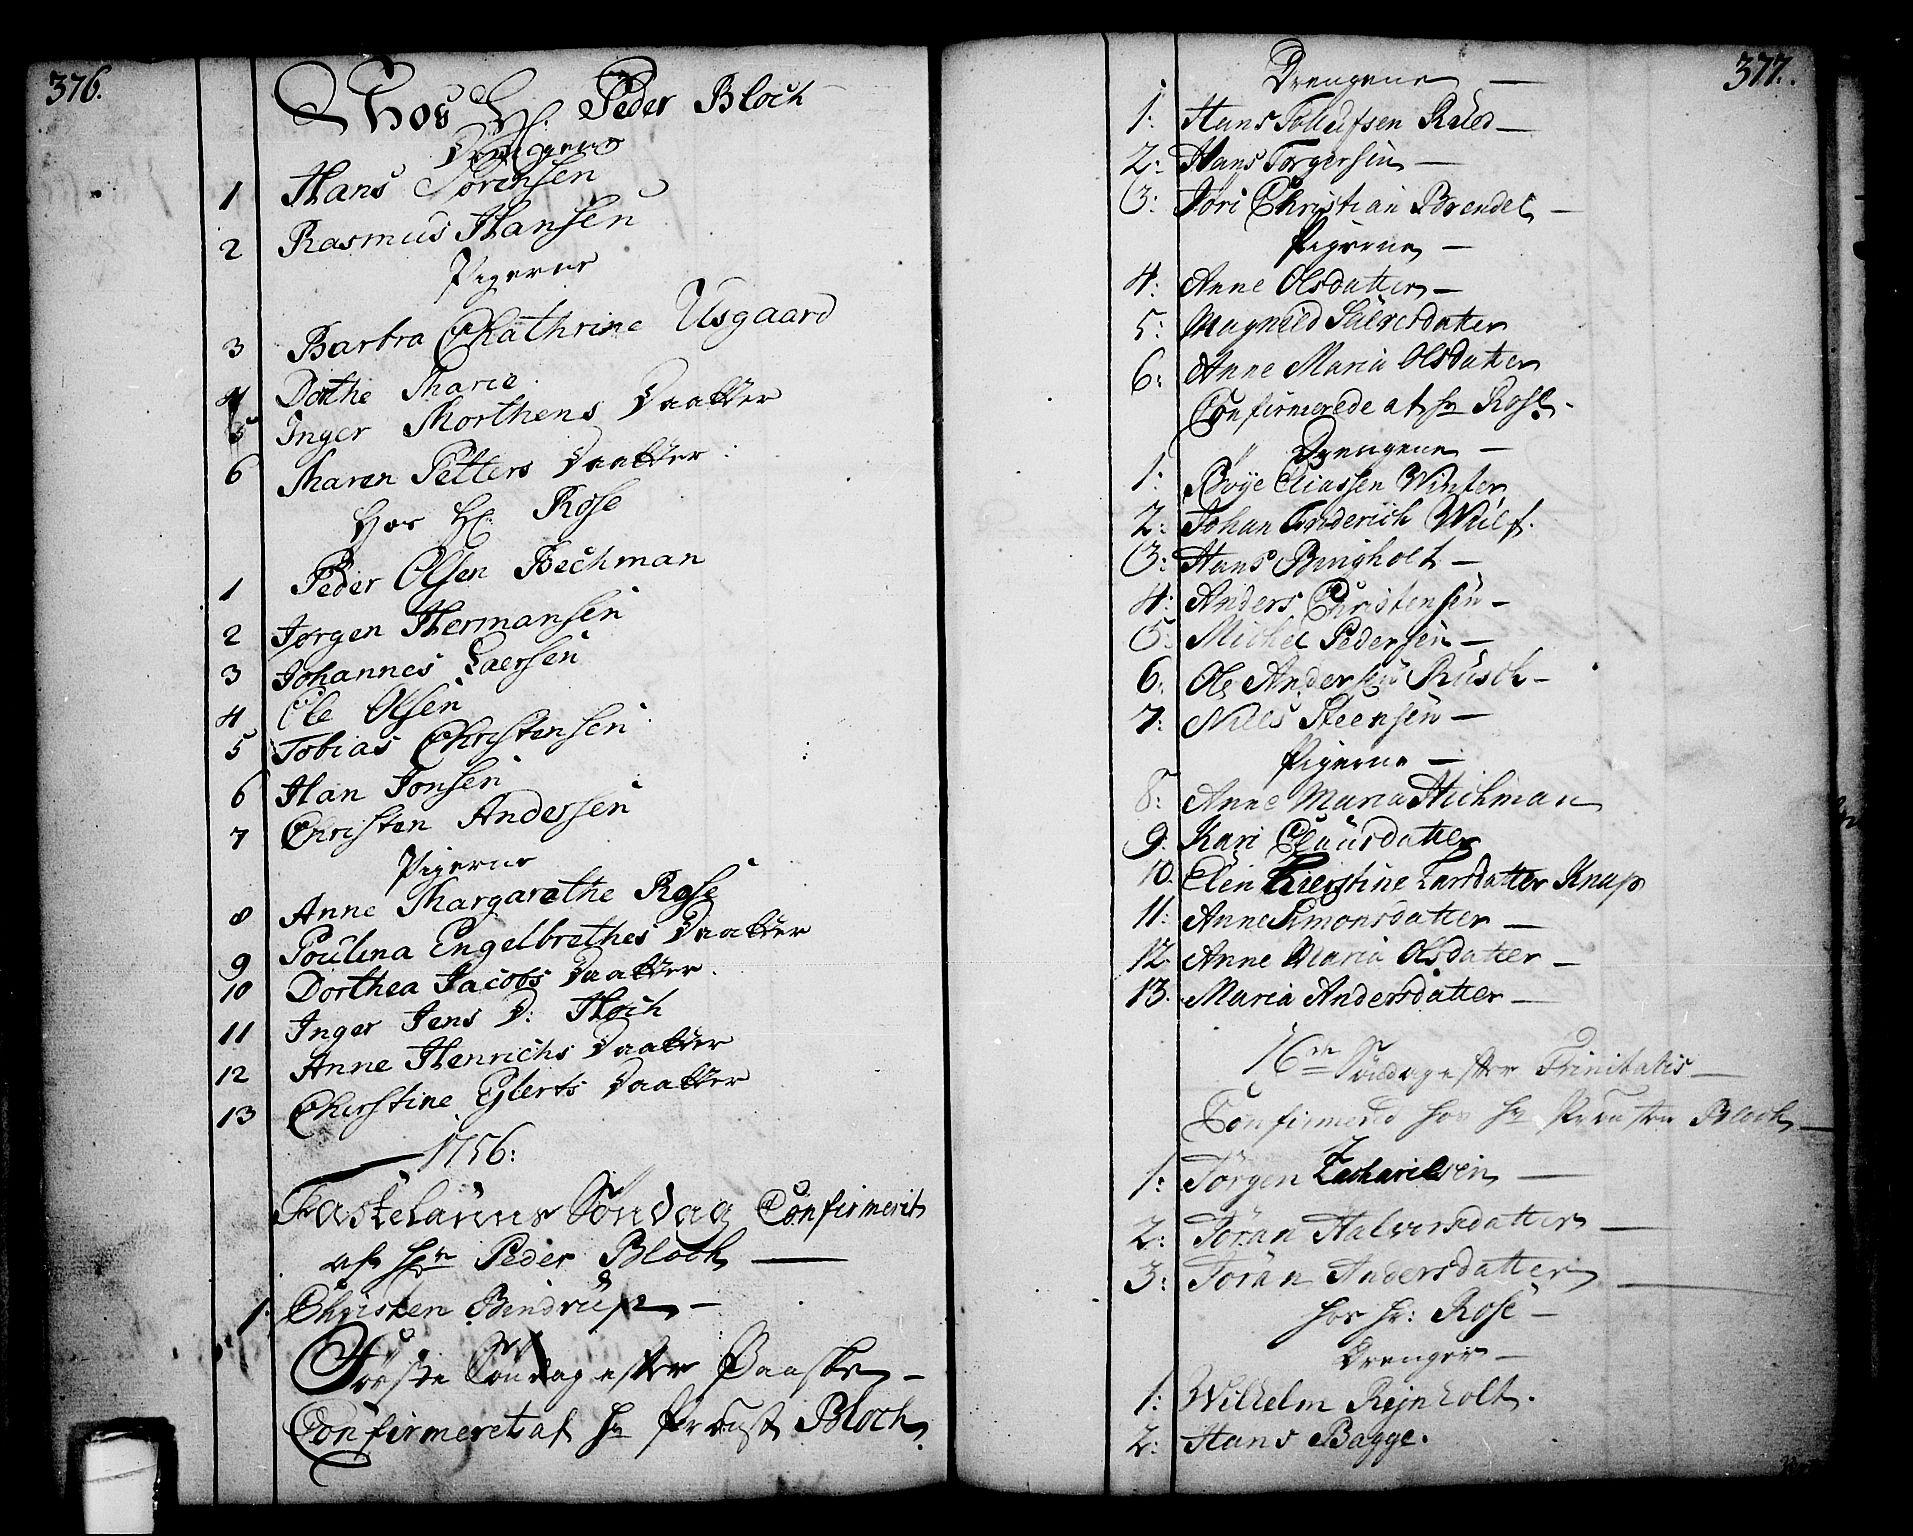 SAKO, Skien kirkebøker, F/Fa/L0003: Ministerialbok nr. 3, 1755-1791, s. 376-377